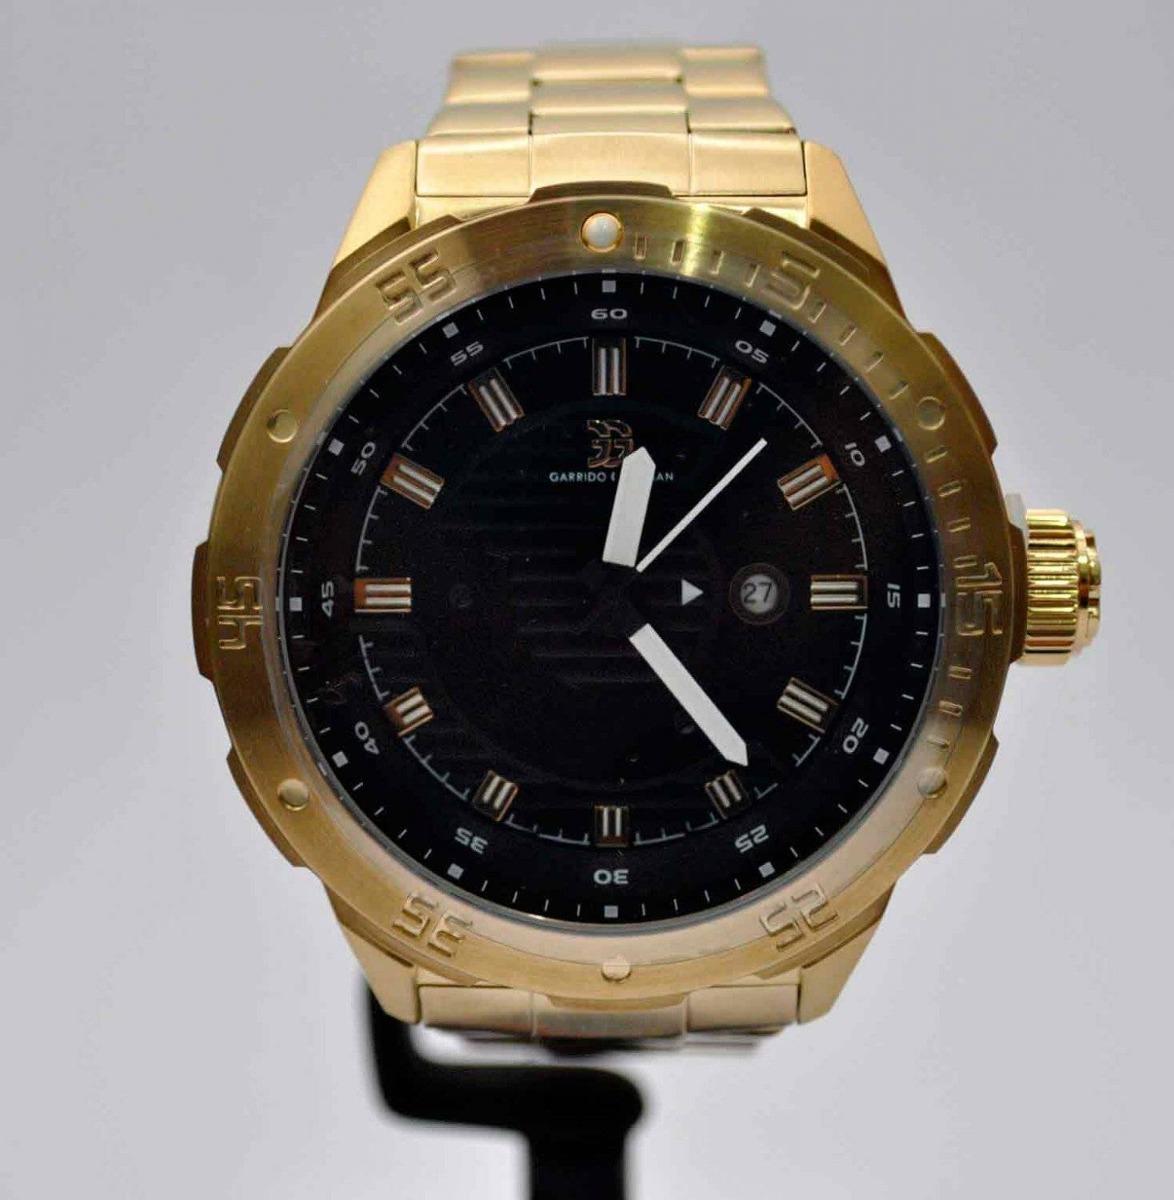 6fbbc0e73aa relógio garrido e guzman gg2032 dourado. Carregando zoom.